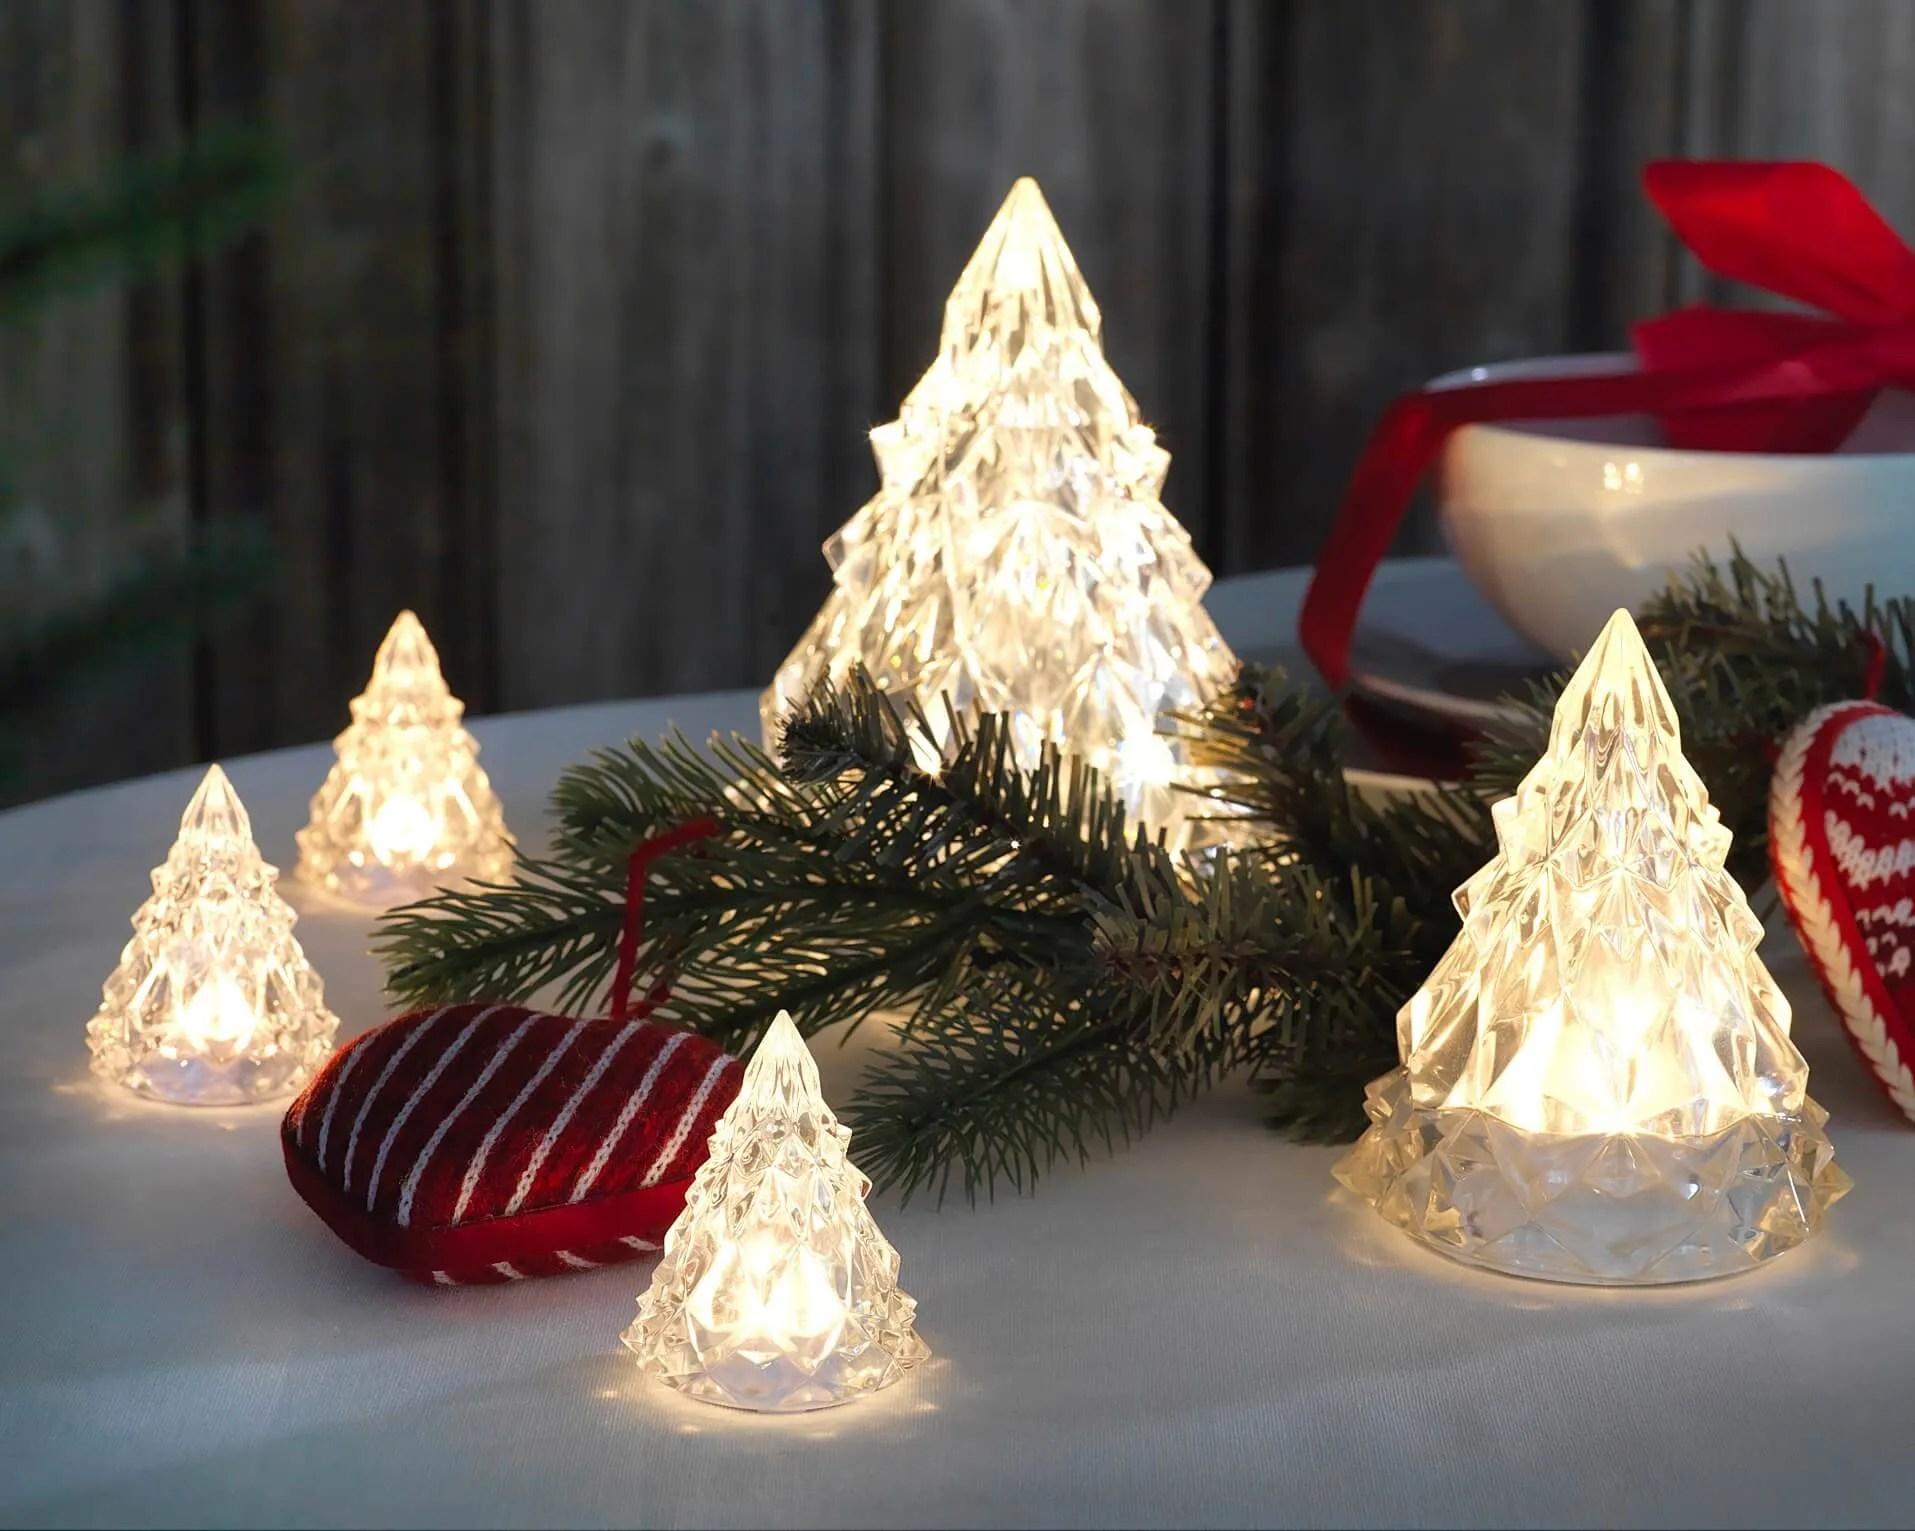 LED decorative acrylic Christmas trees   IKEA